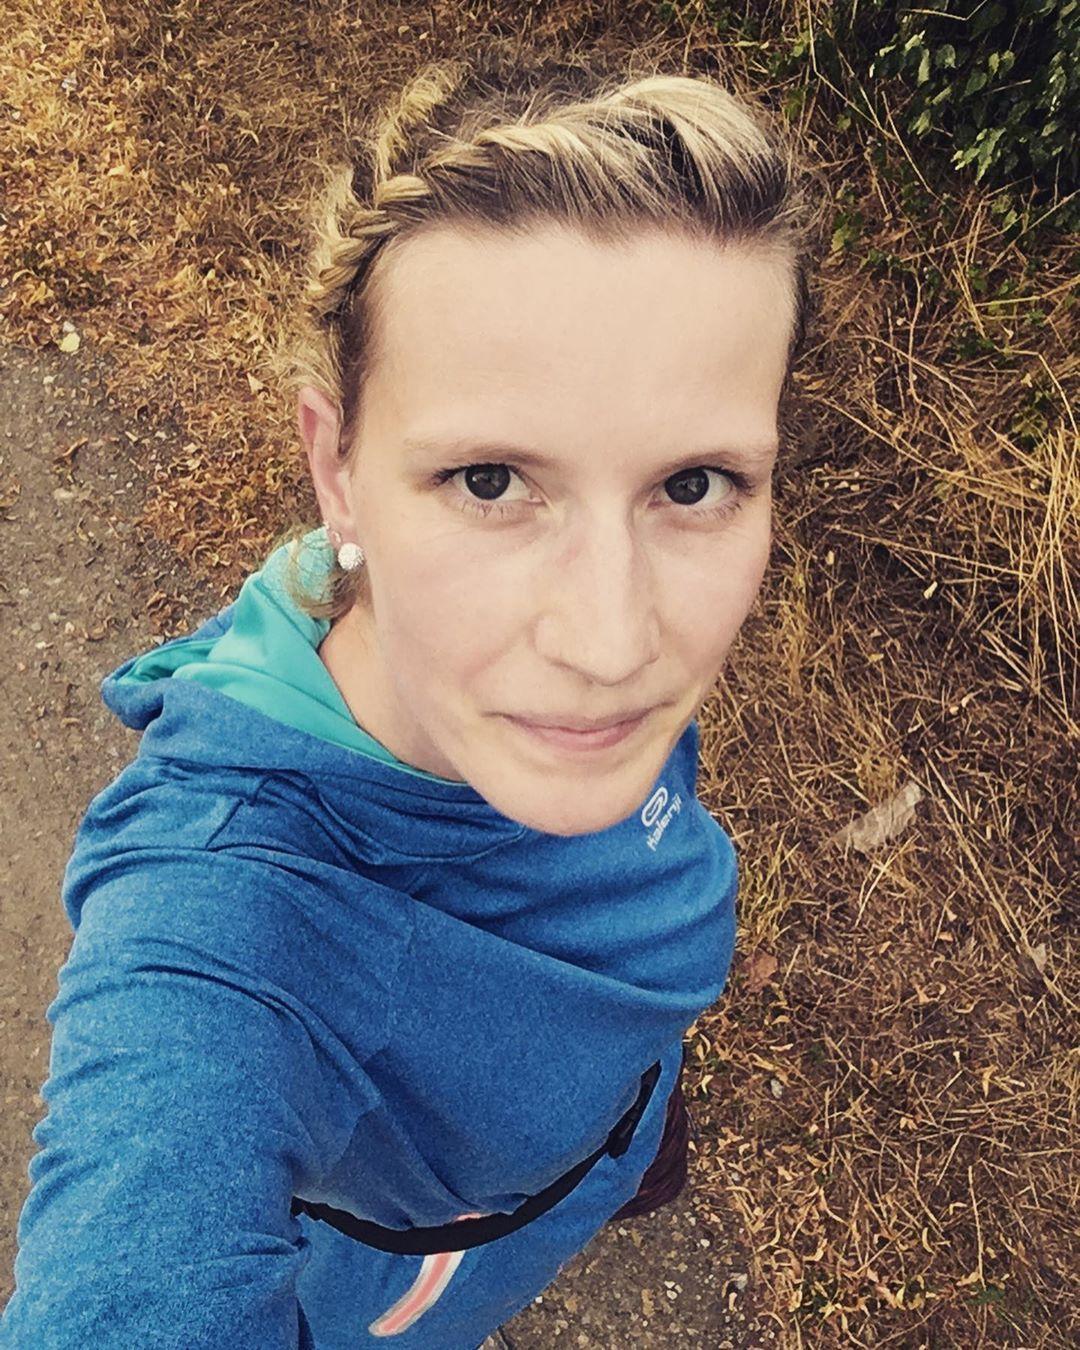 Erster kleiner Lauf nach 2 Wochen nach dem Regen 🌧  War sehr angenehm frisch ☺️🏃🏼♀️ * * #laufen...